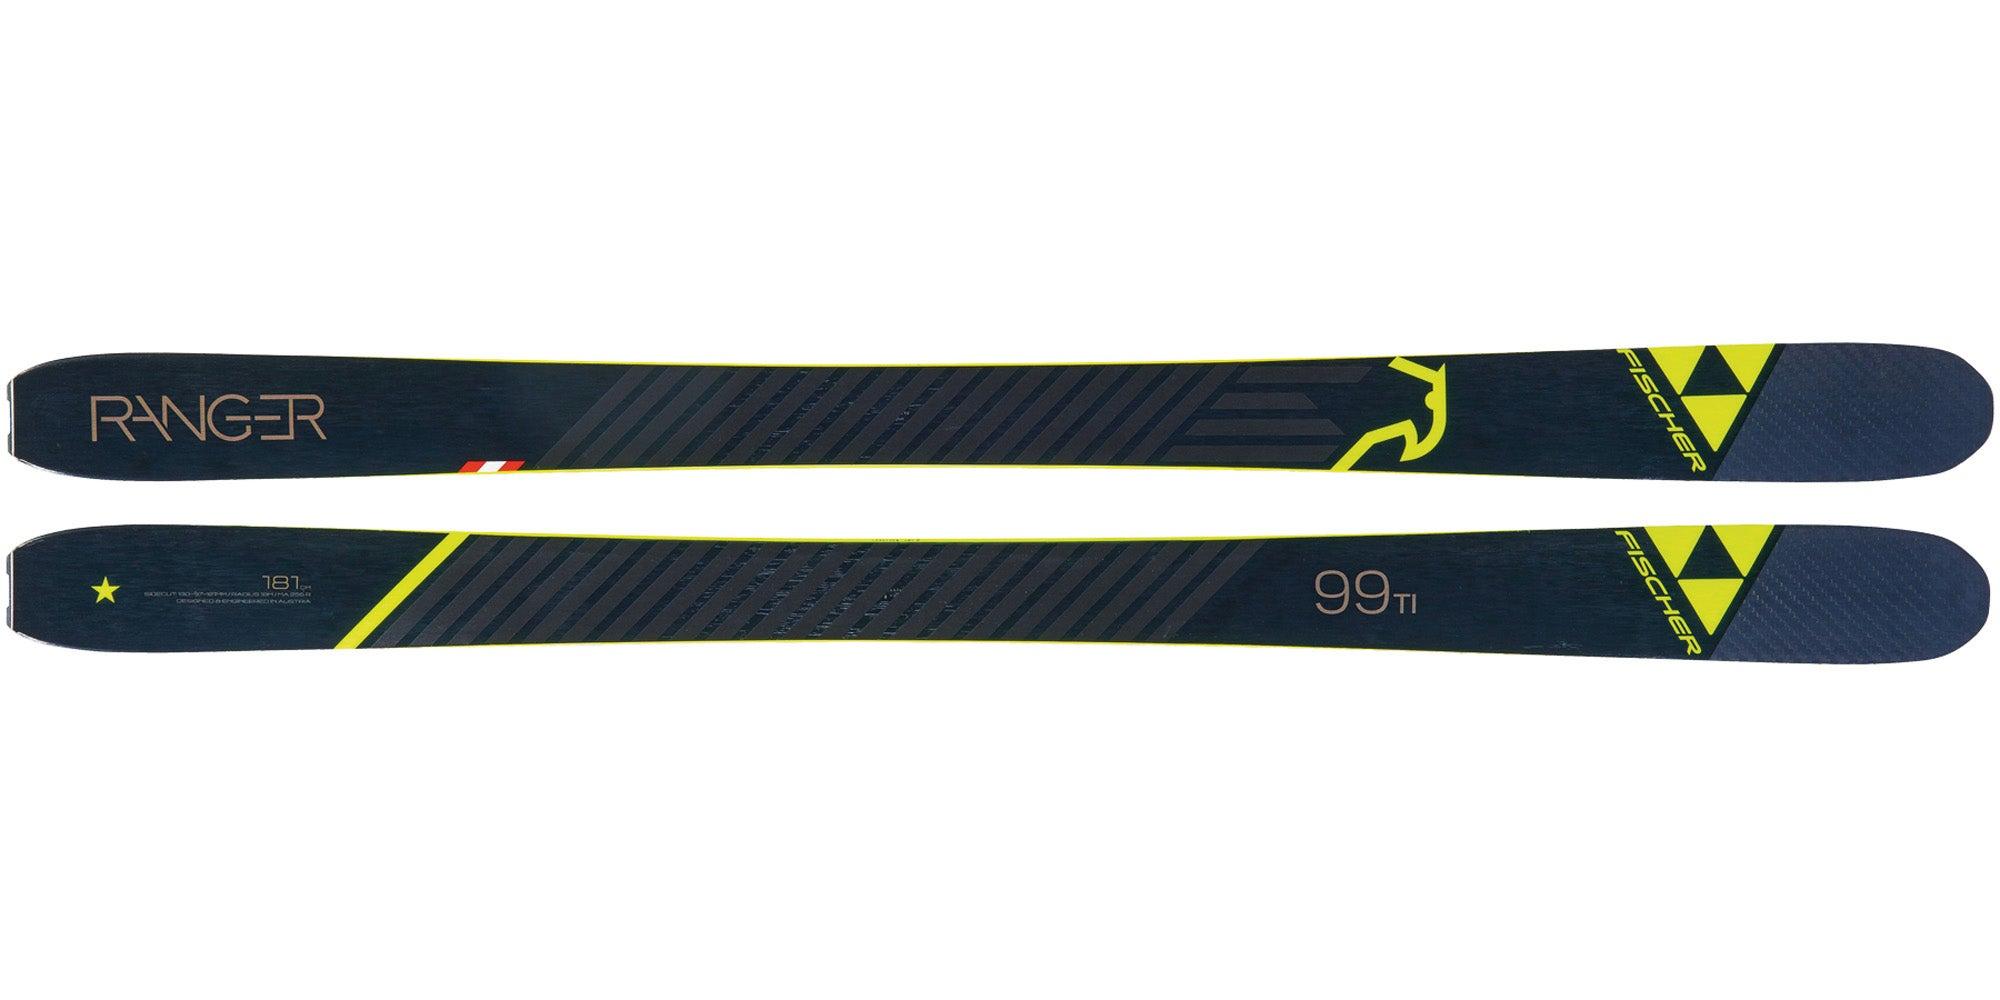 2021 Fischer Ranger 99Ti men's all mountain ski